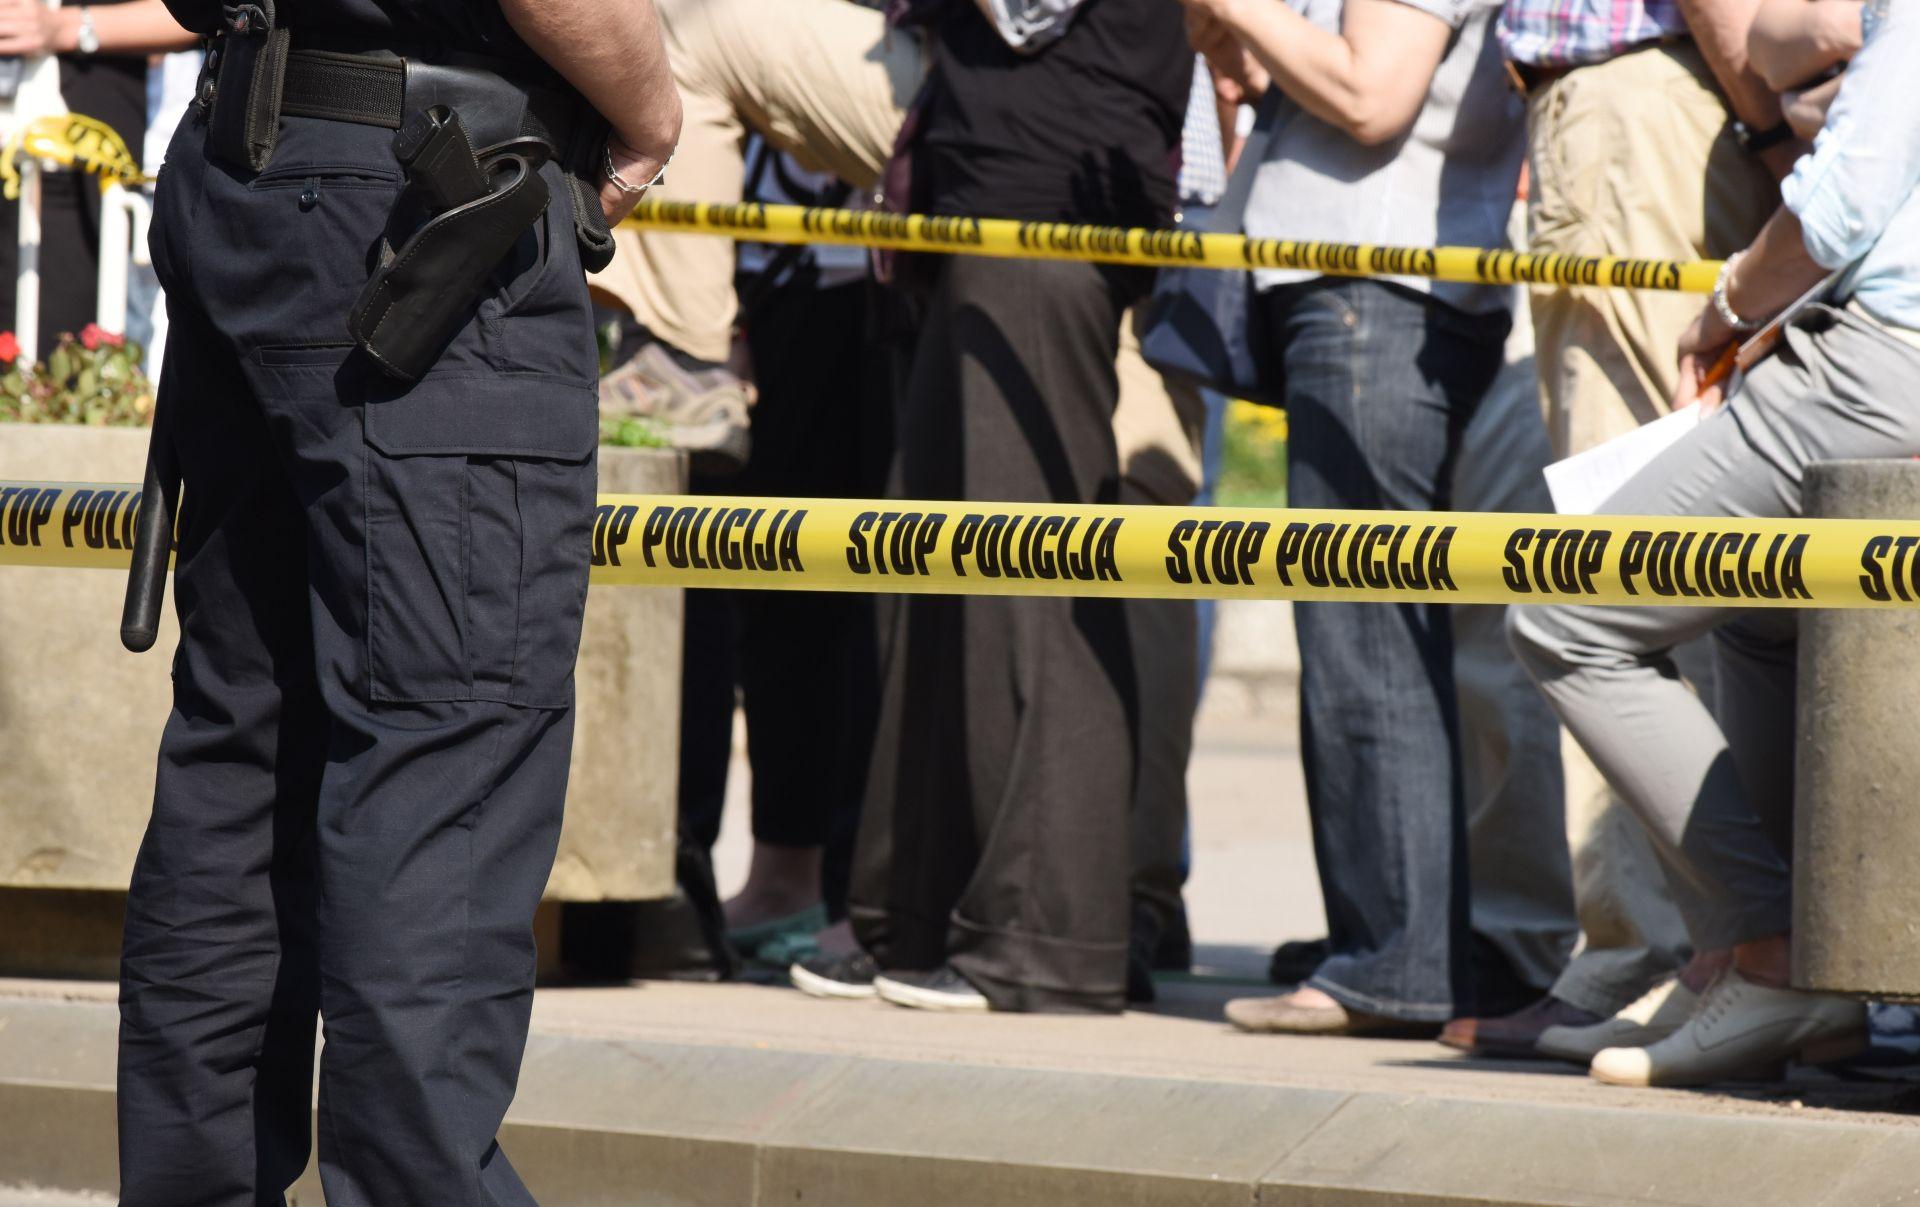 OGORČENJE U SARAJEVU: Brutalno prometno ubojstvo dviju djevojaka